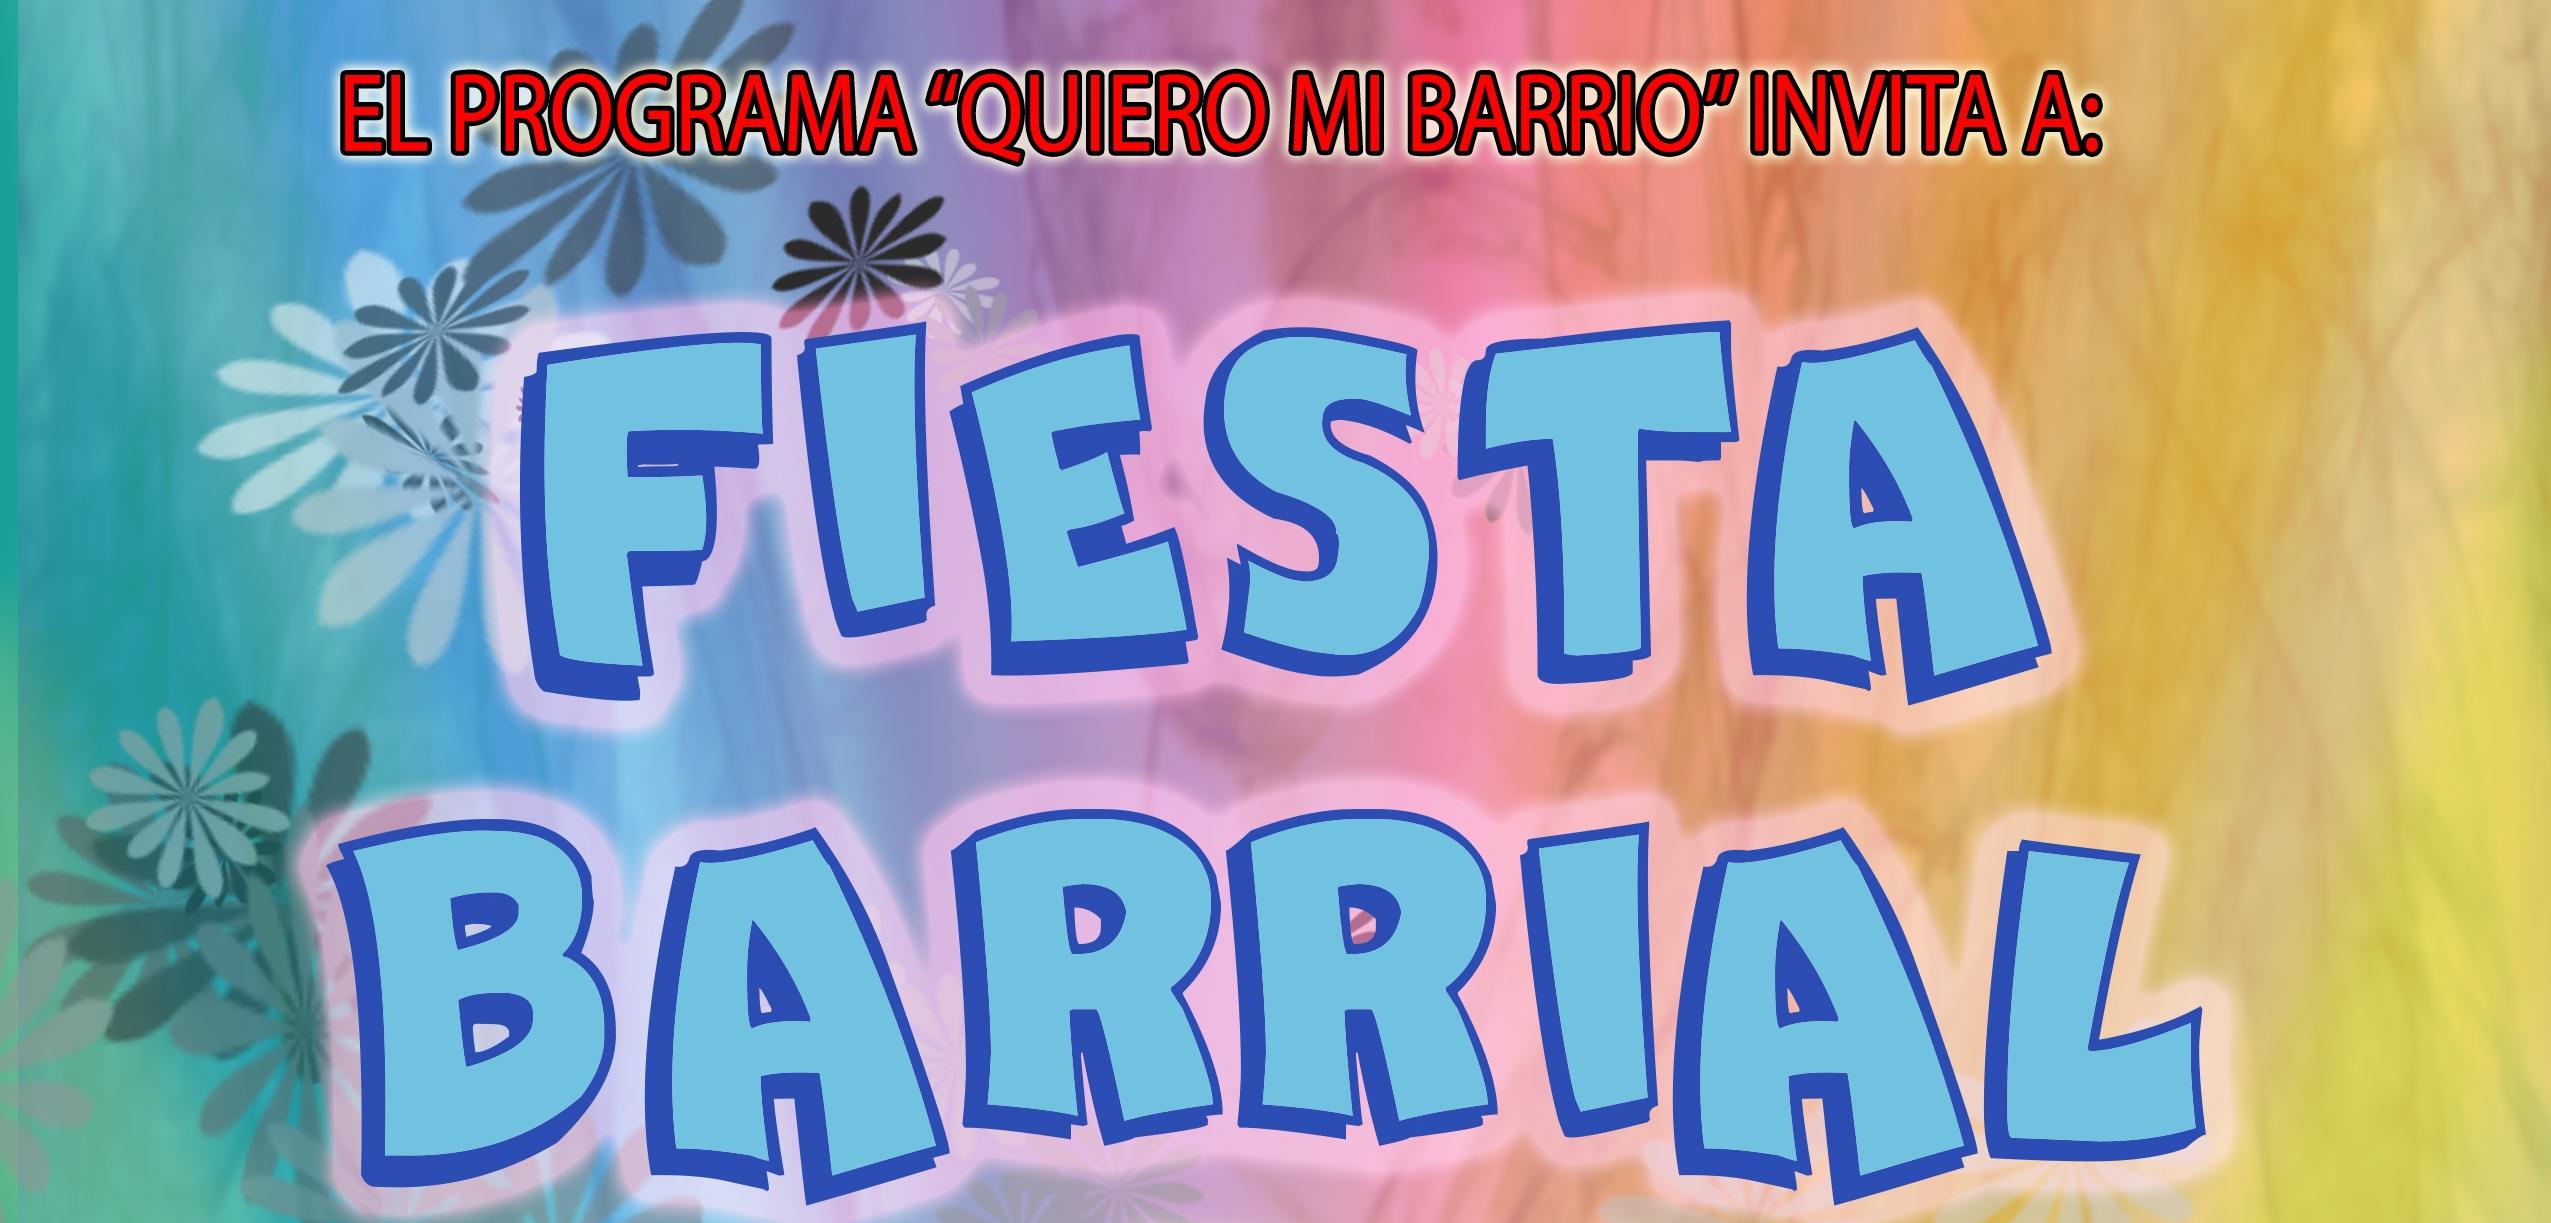 Este sábado se realizan Esquinas Culturales en población Carrera